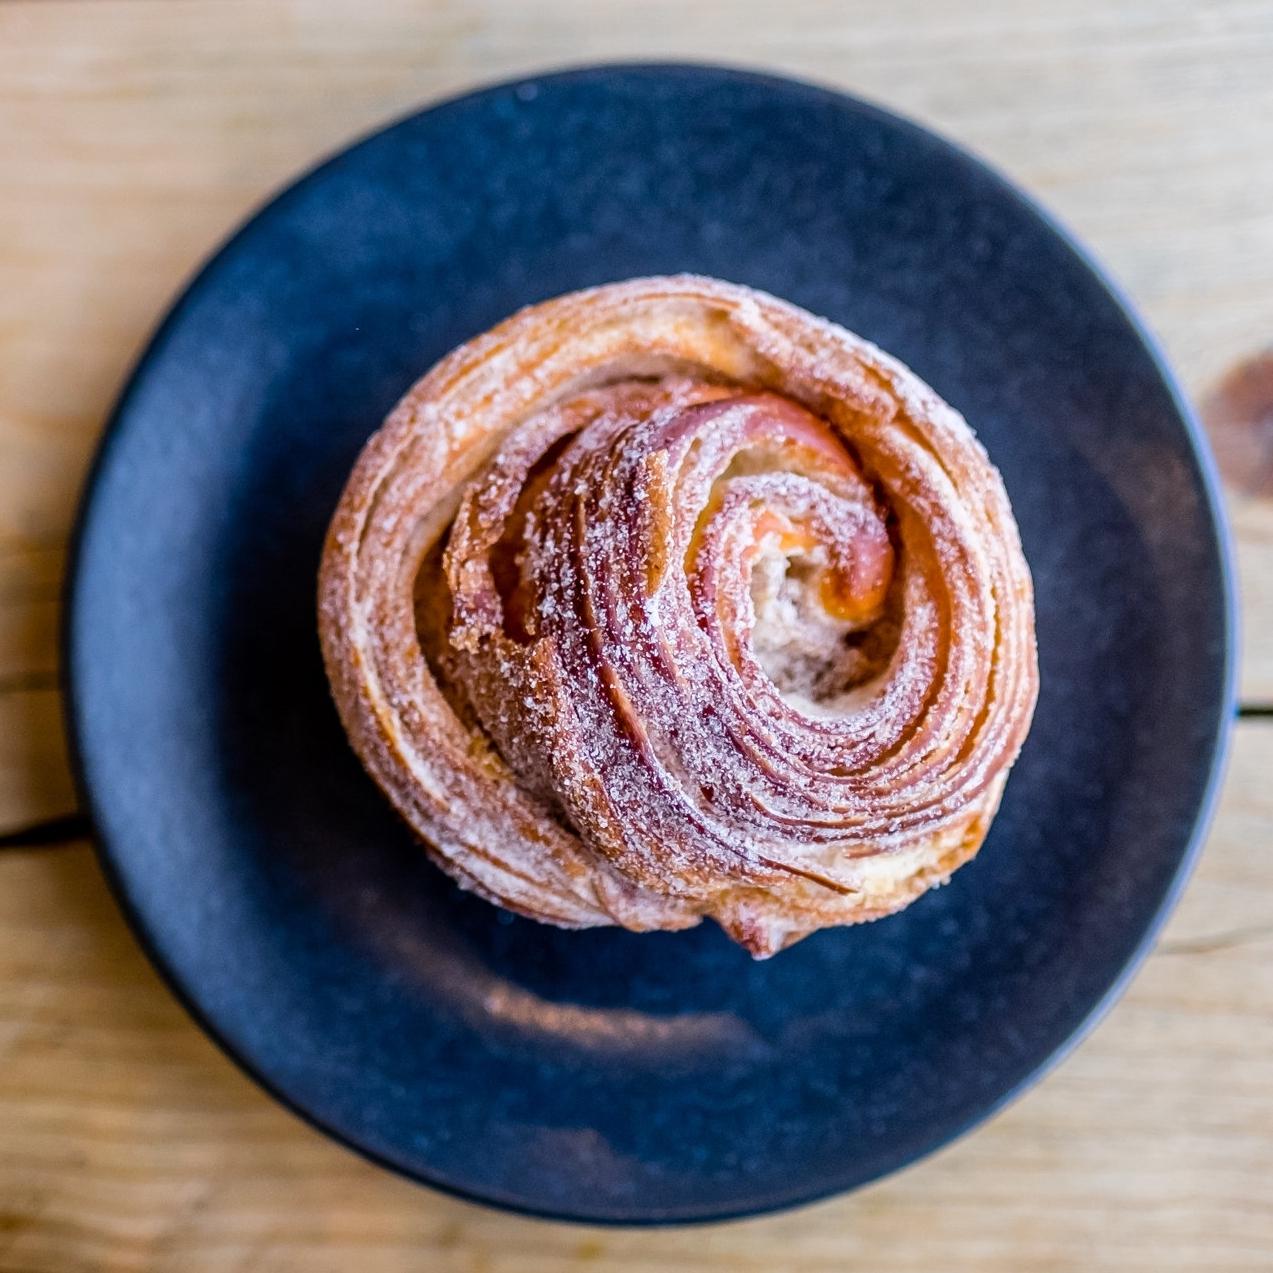 cinnamon-bun-6706.jpg